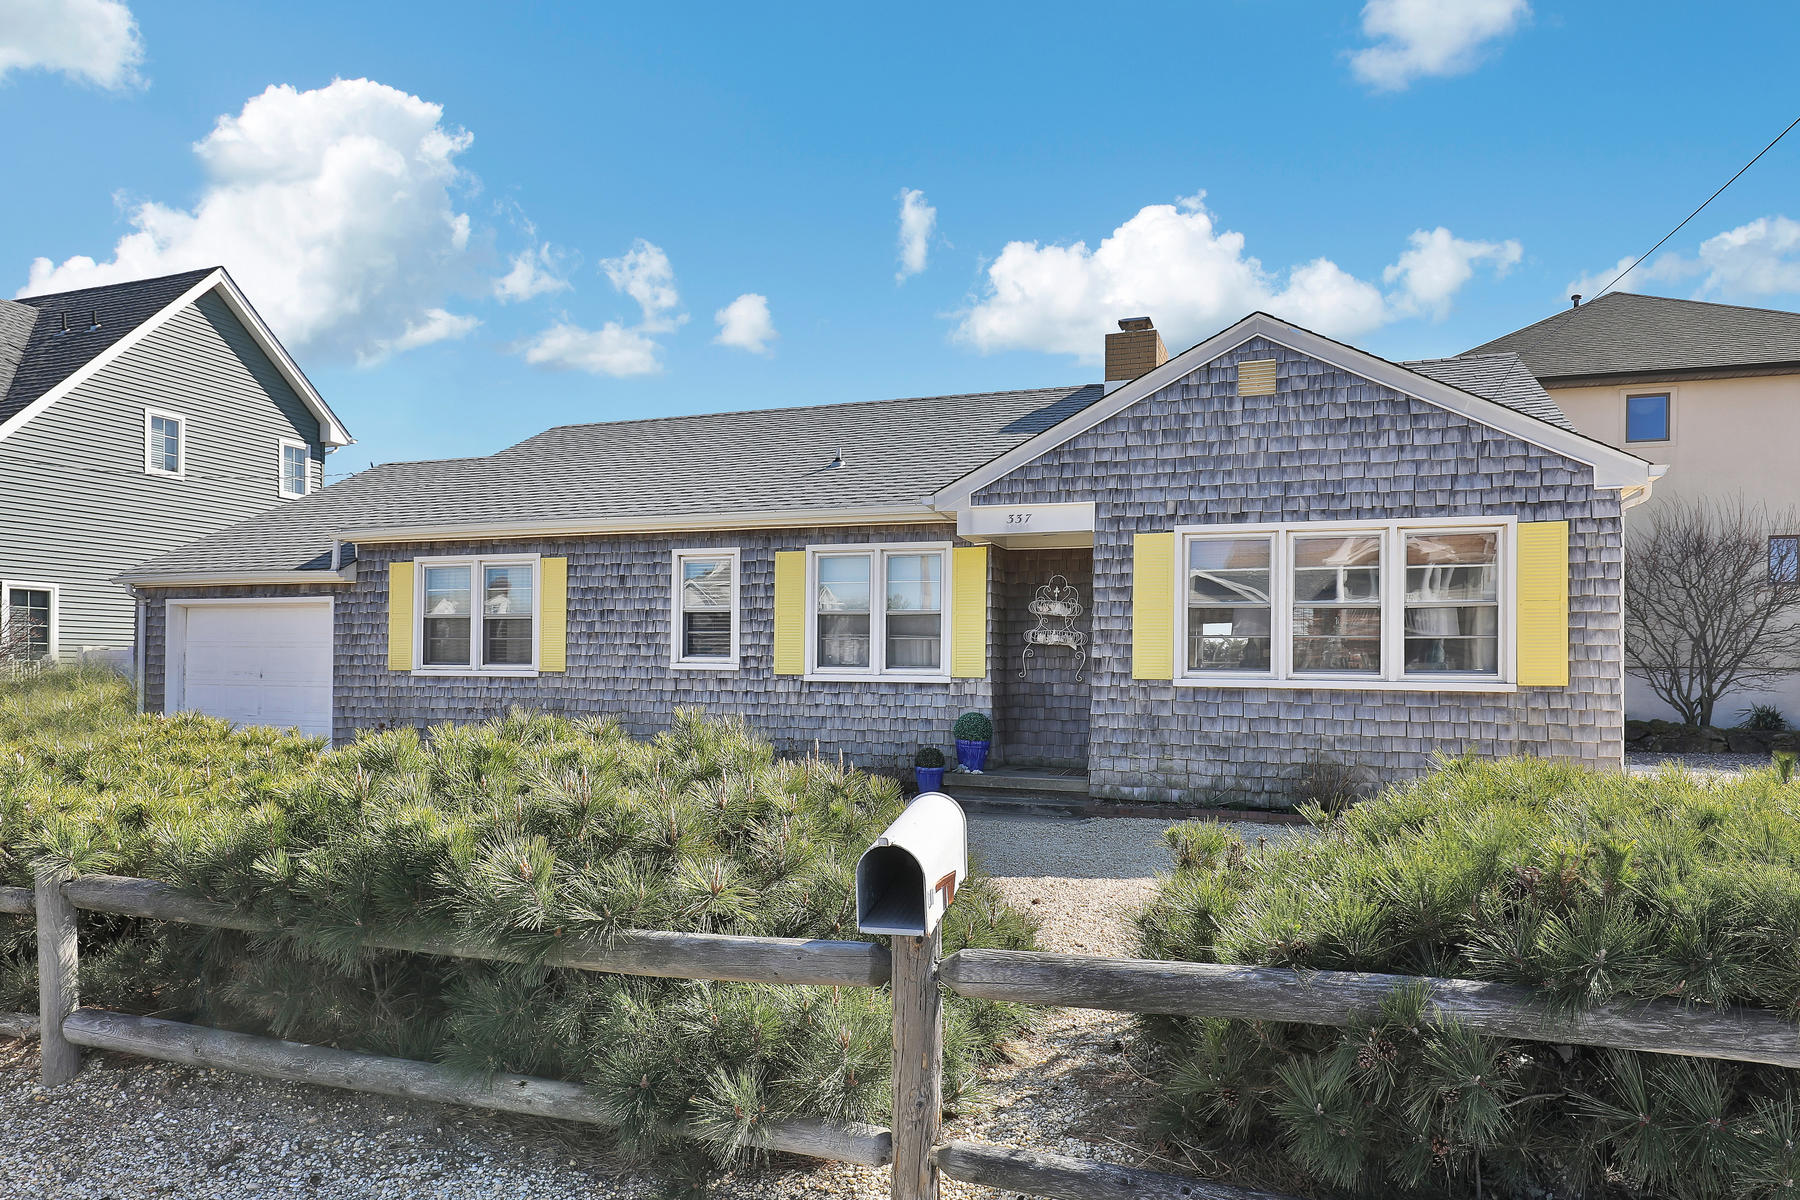 Maison unifamiliale pour l Vente à Charming 3 Bedroom Ranch! 337 Bay Lane Mantoloking, New Jersey, 08738 États-Unis